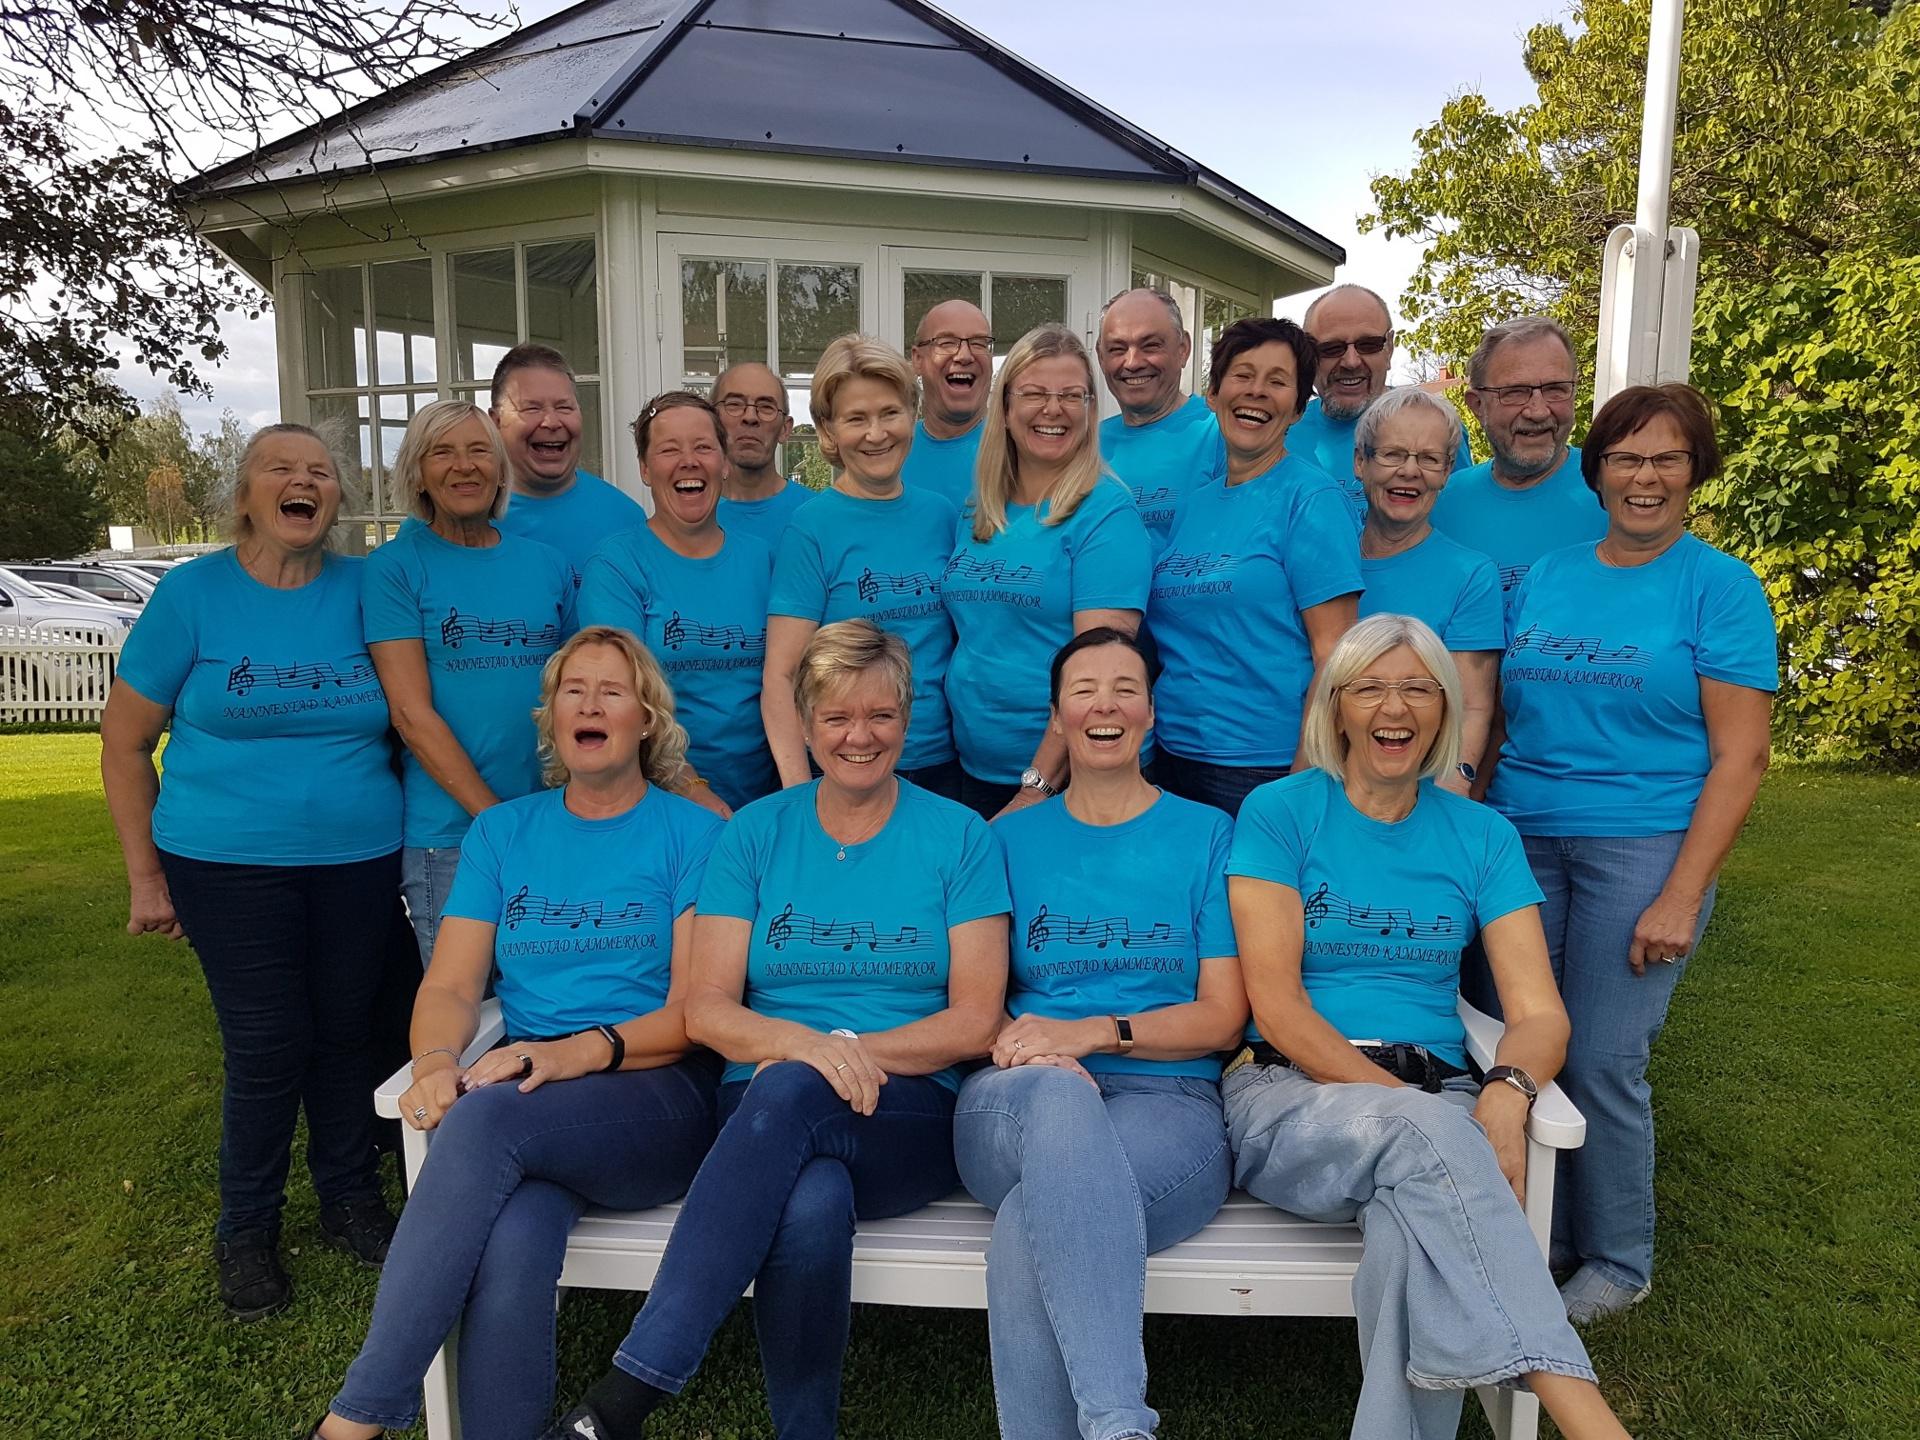 Kammerkoret - blå t-skjorter ute 3.jpg